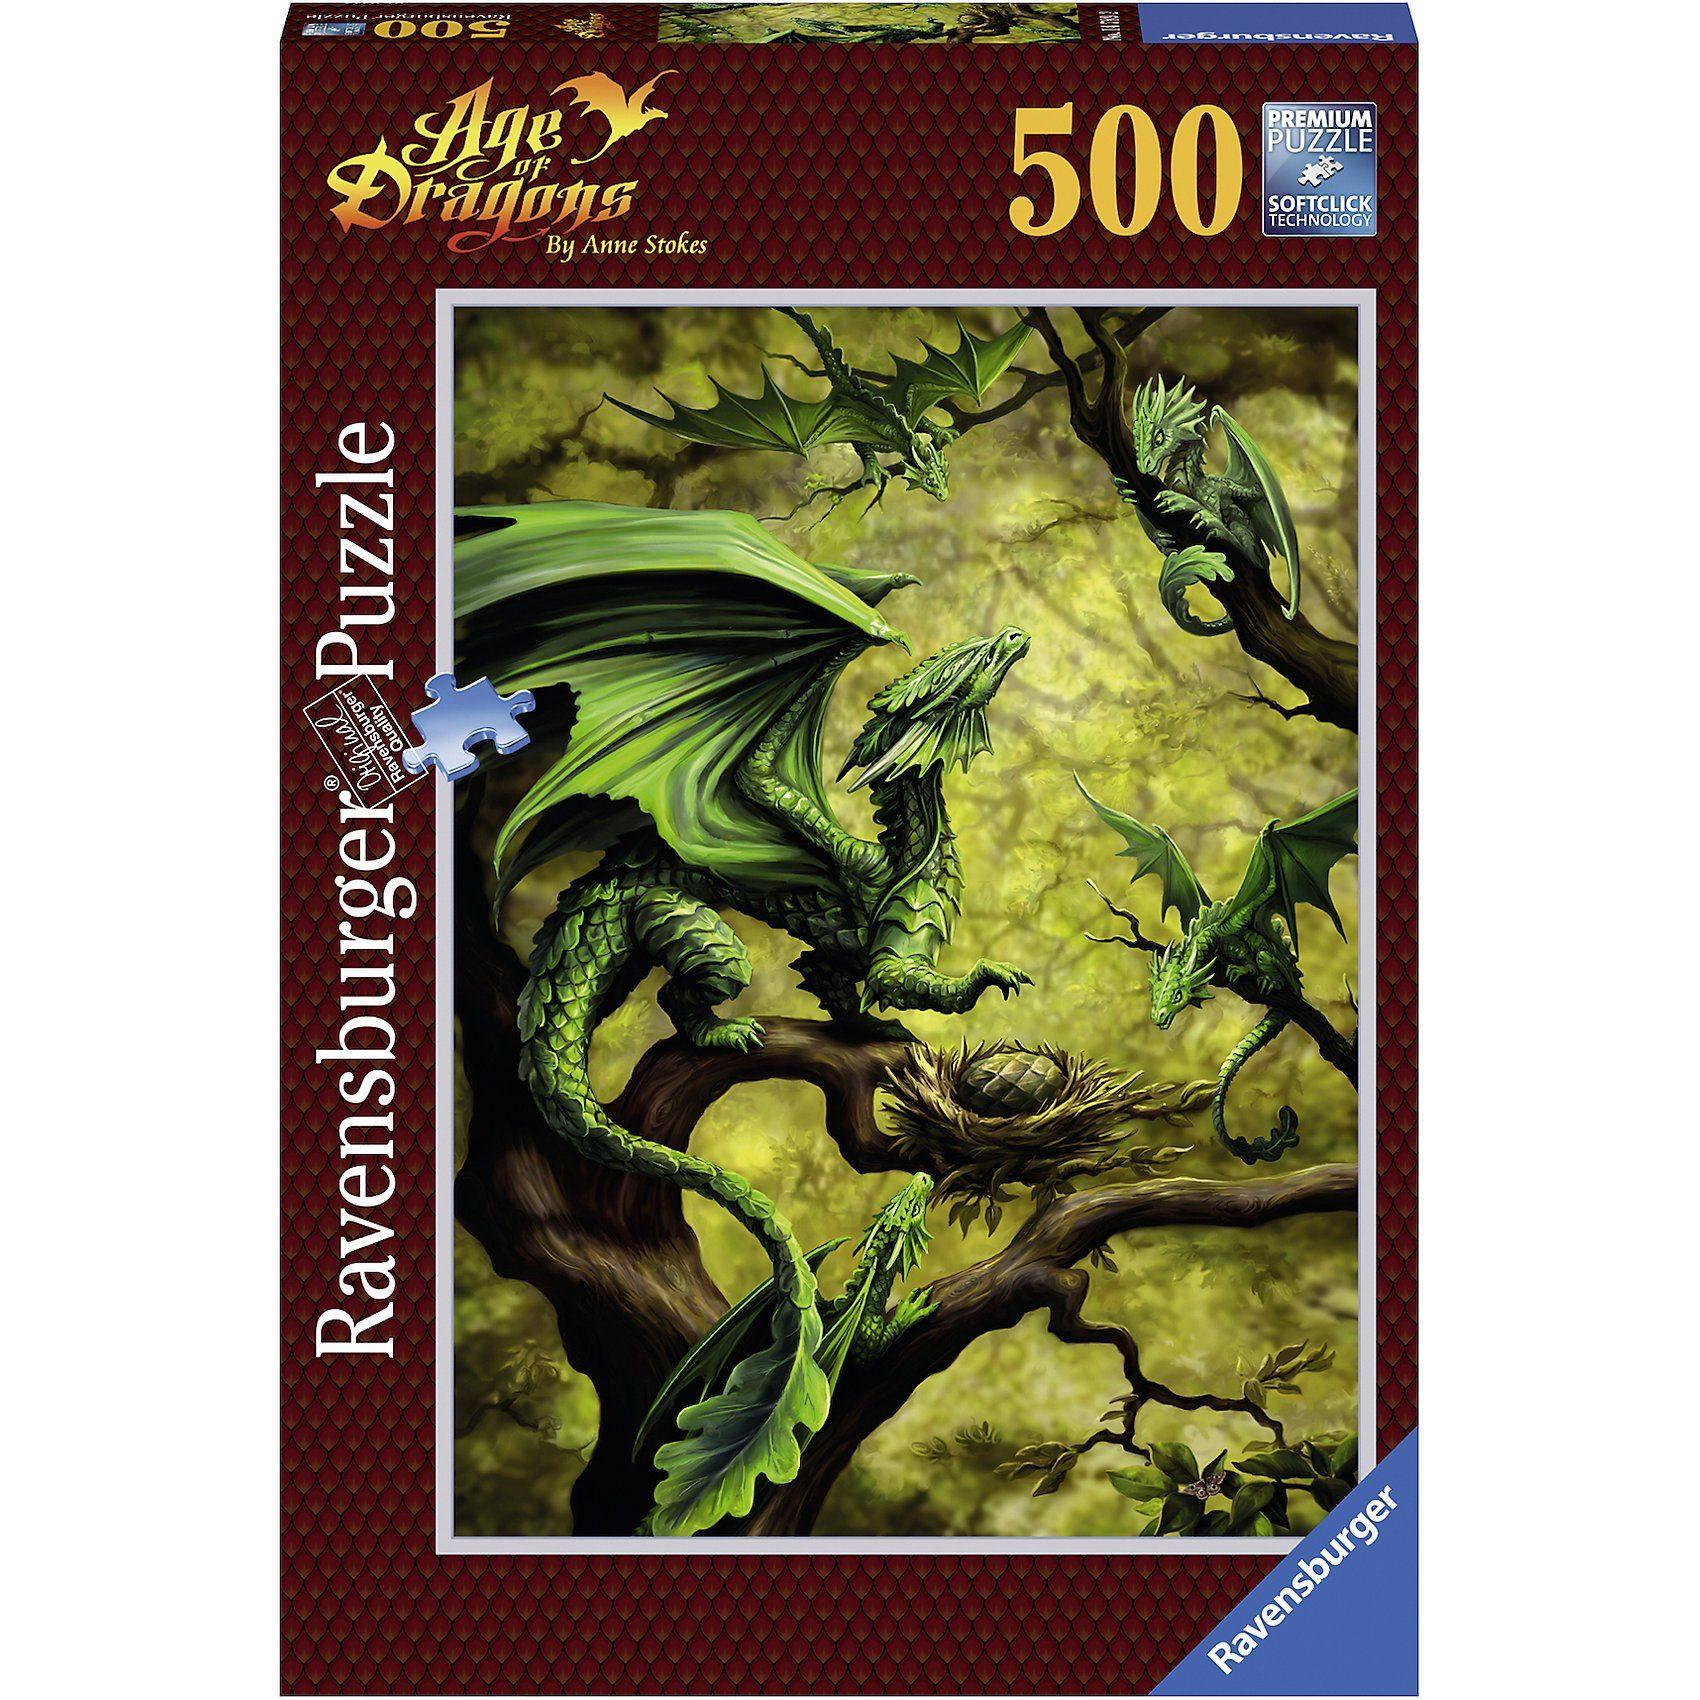 Ravensburger Puzzle 500 Teile, 49x36 cm, Anne Stokes Walddrache